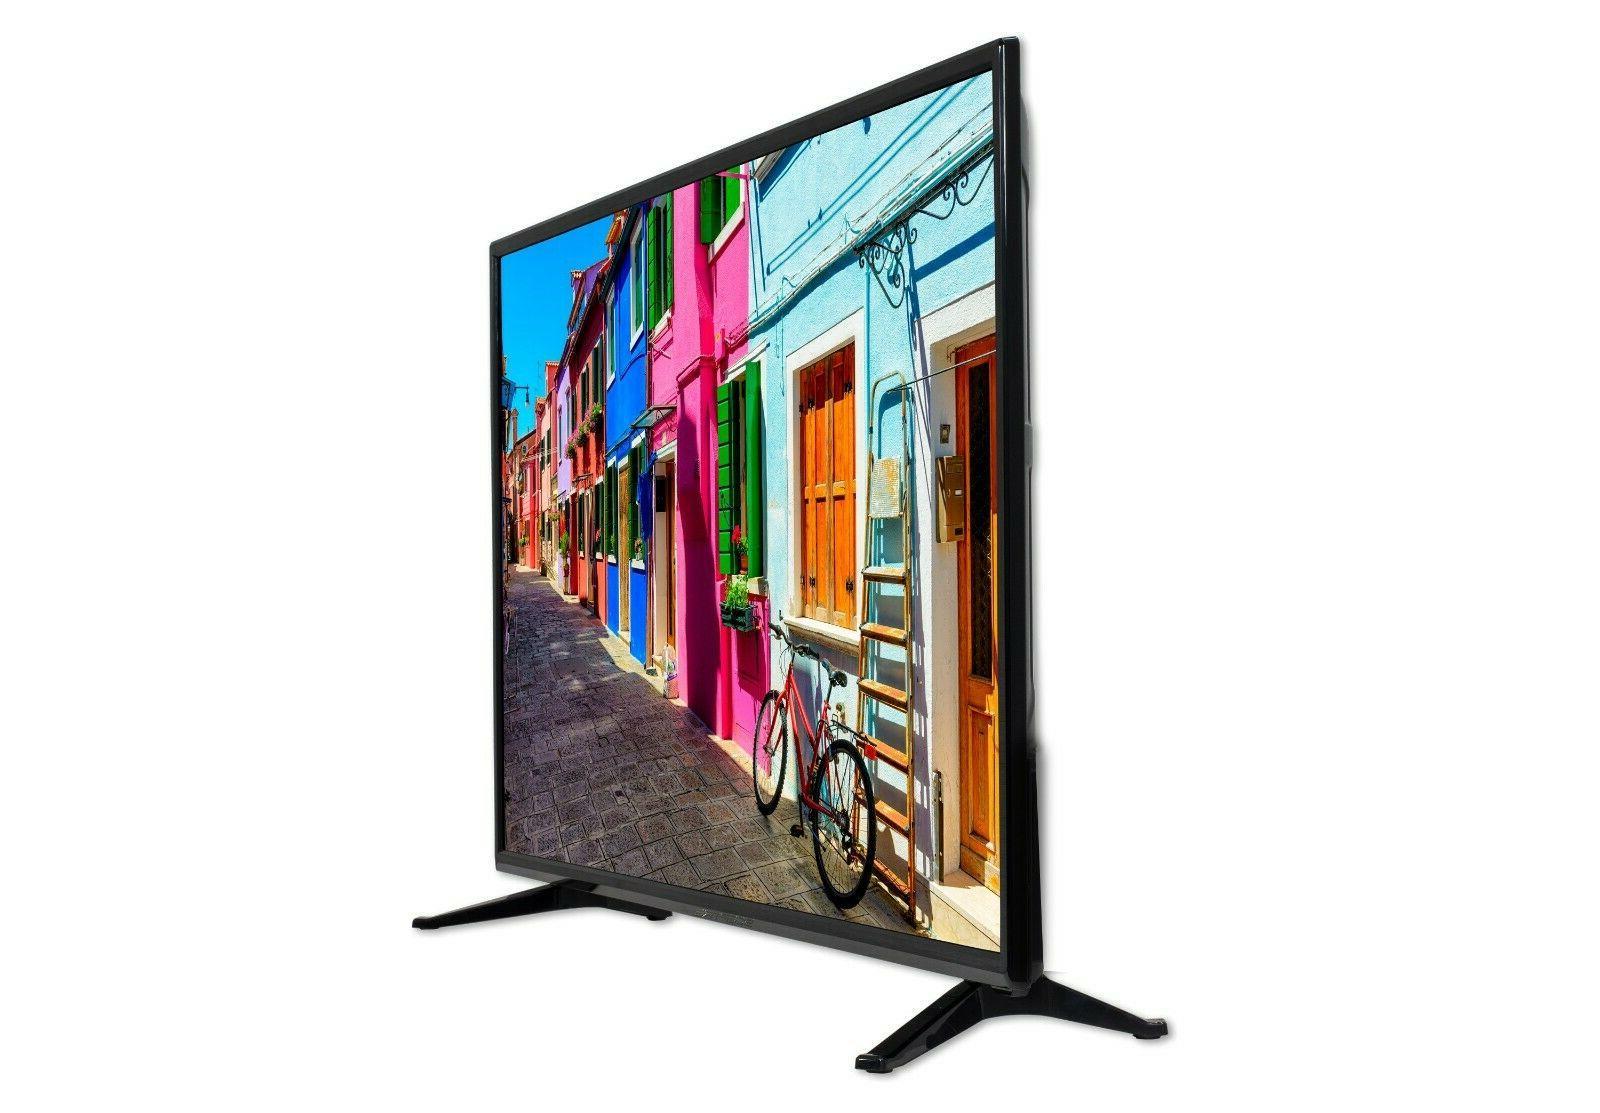 Sceptre Inches TV Class FHD 3 HDMI USB VGA HDTV NEW